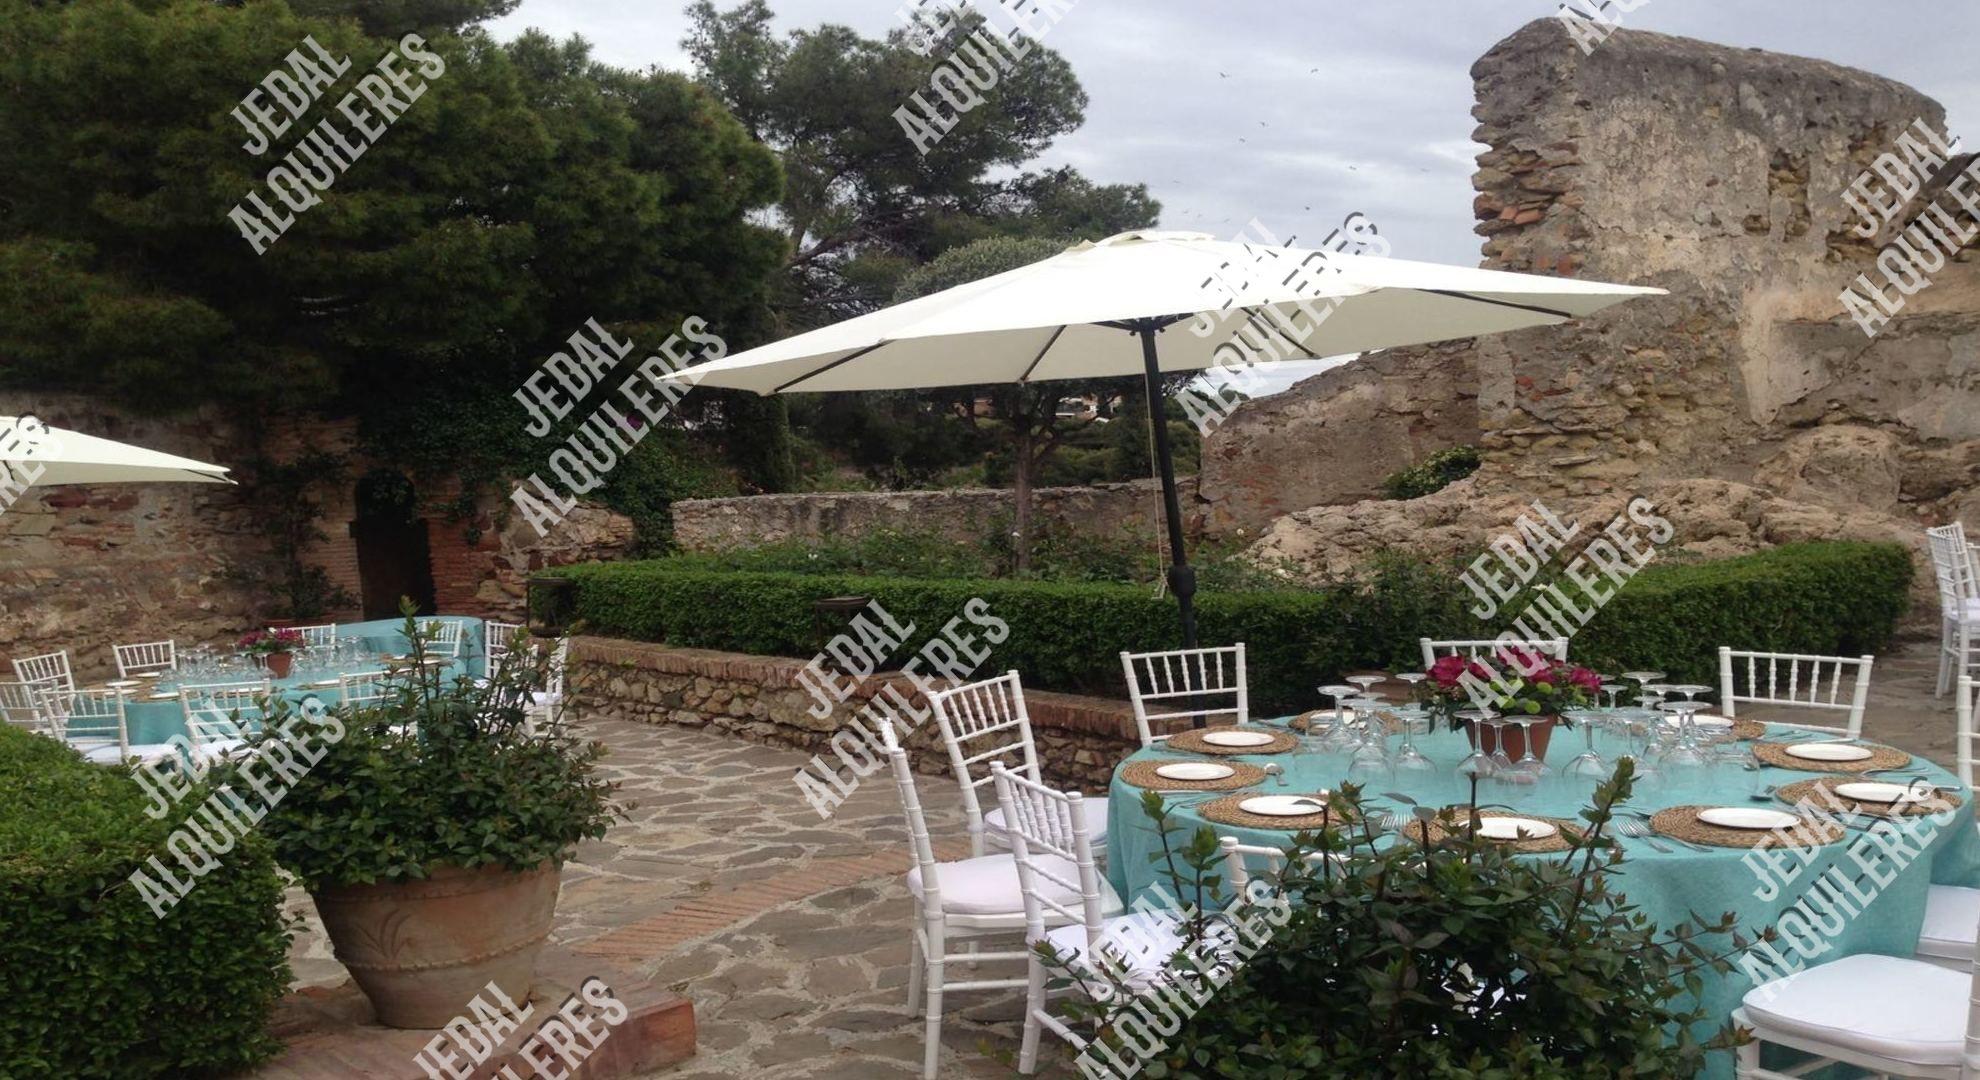 Alquileres de sillas y mesas para fiestas en Jerez de la Frontera